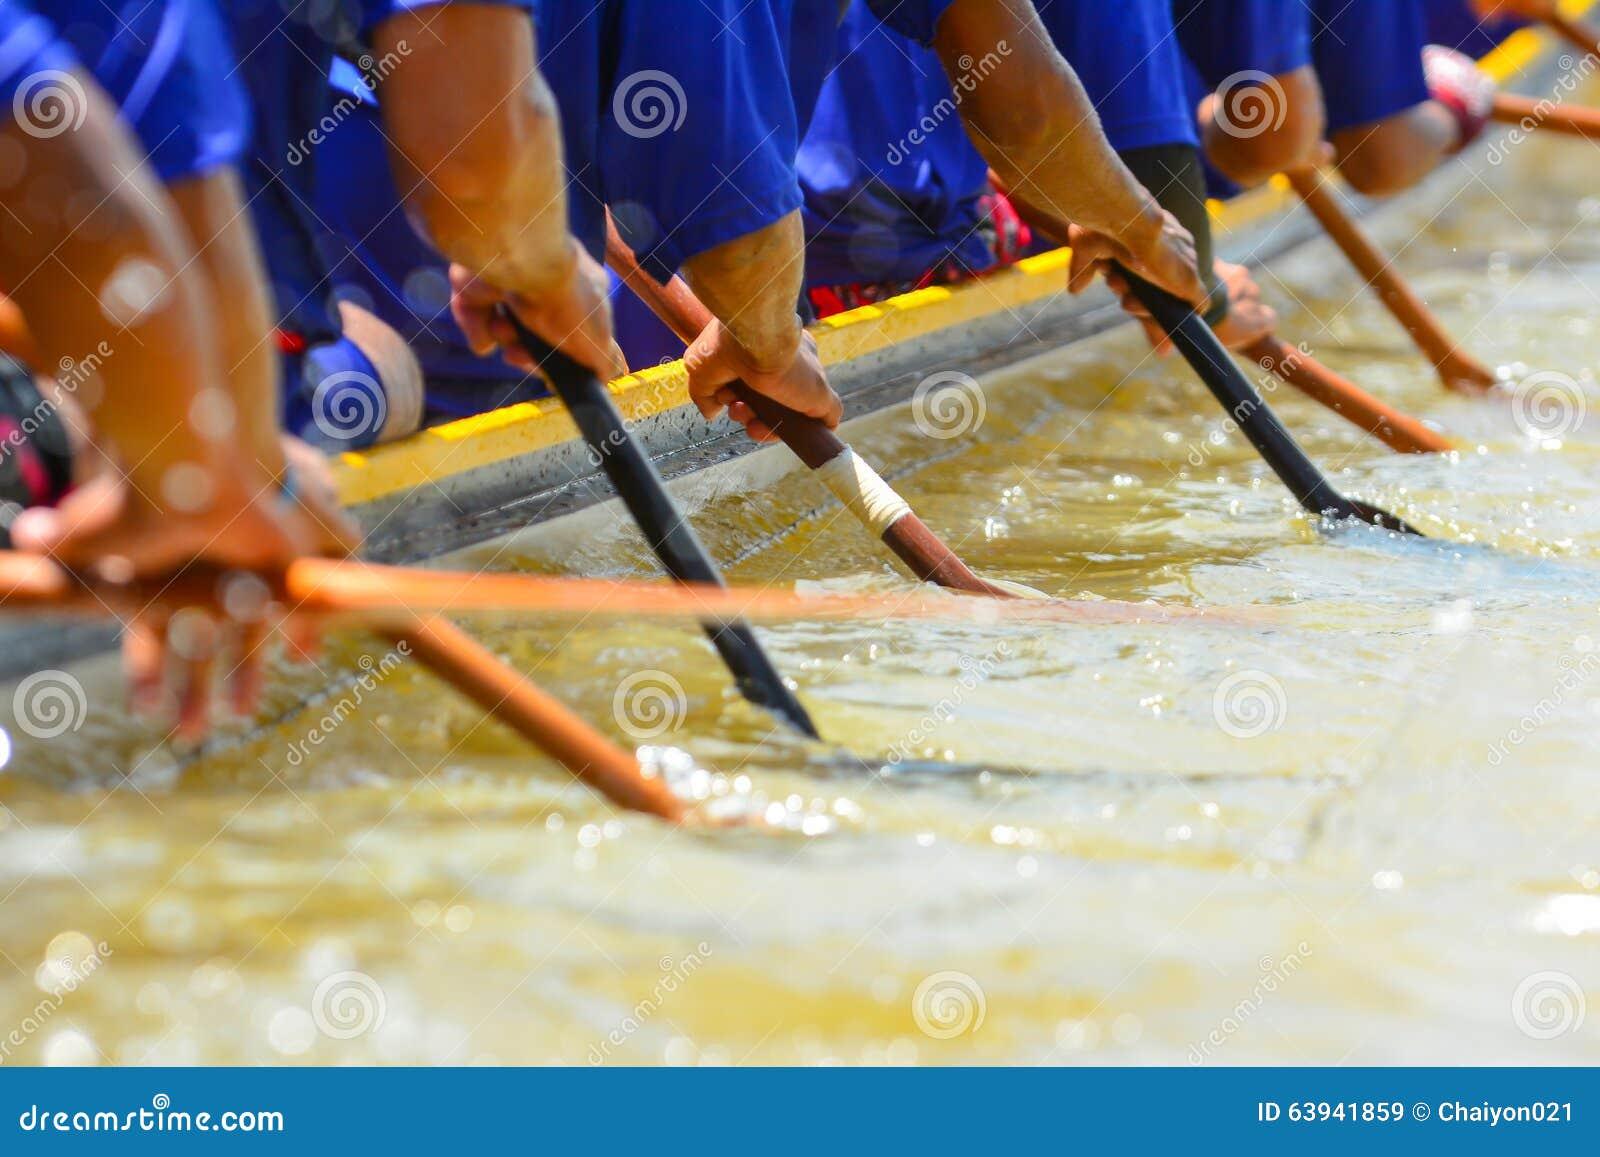 Equipo de barco de rowing